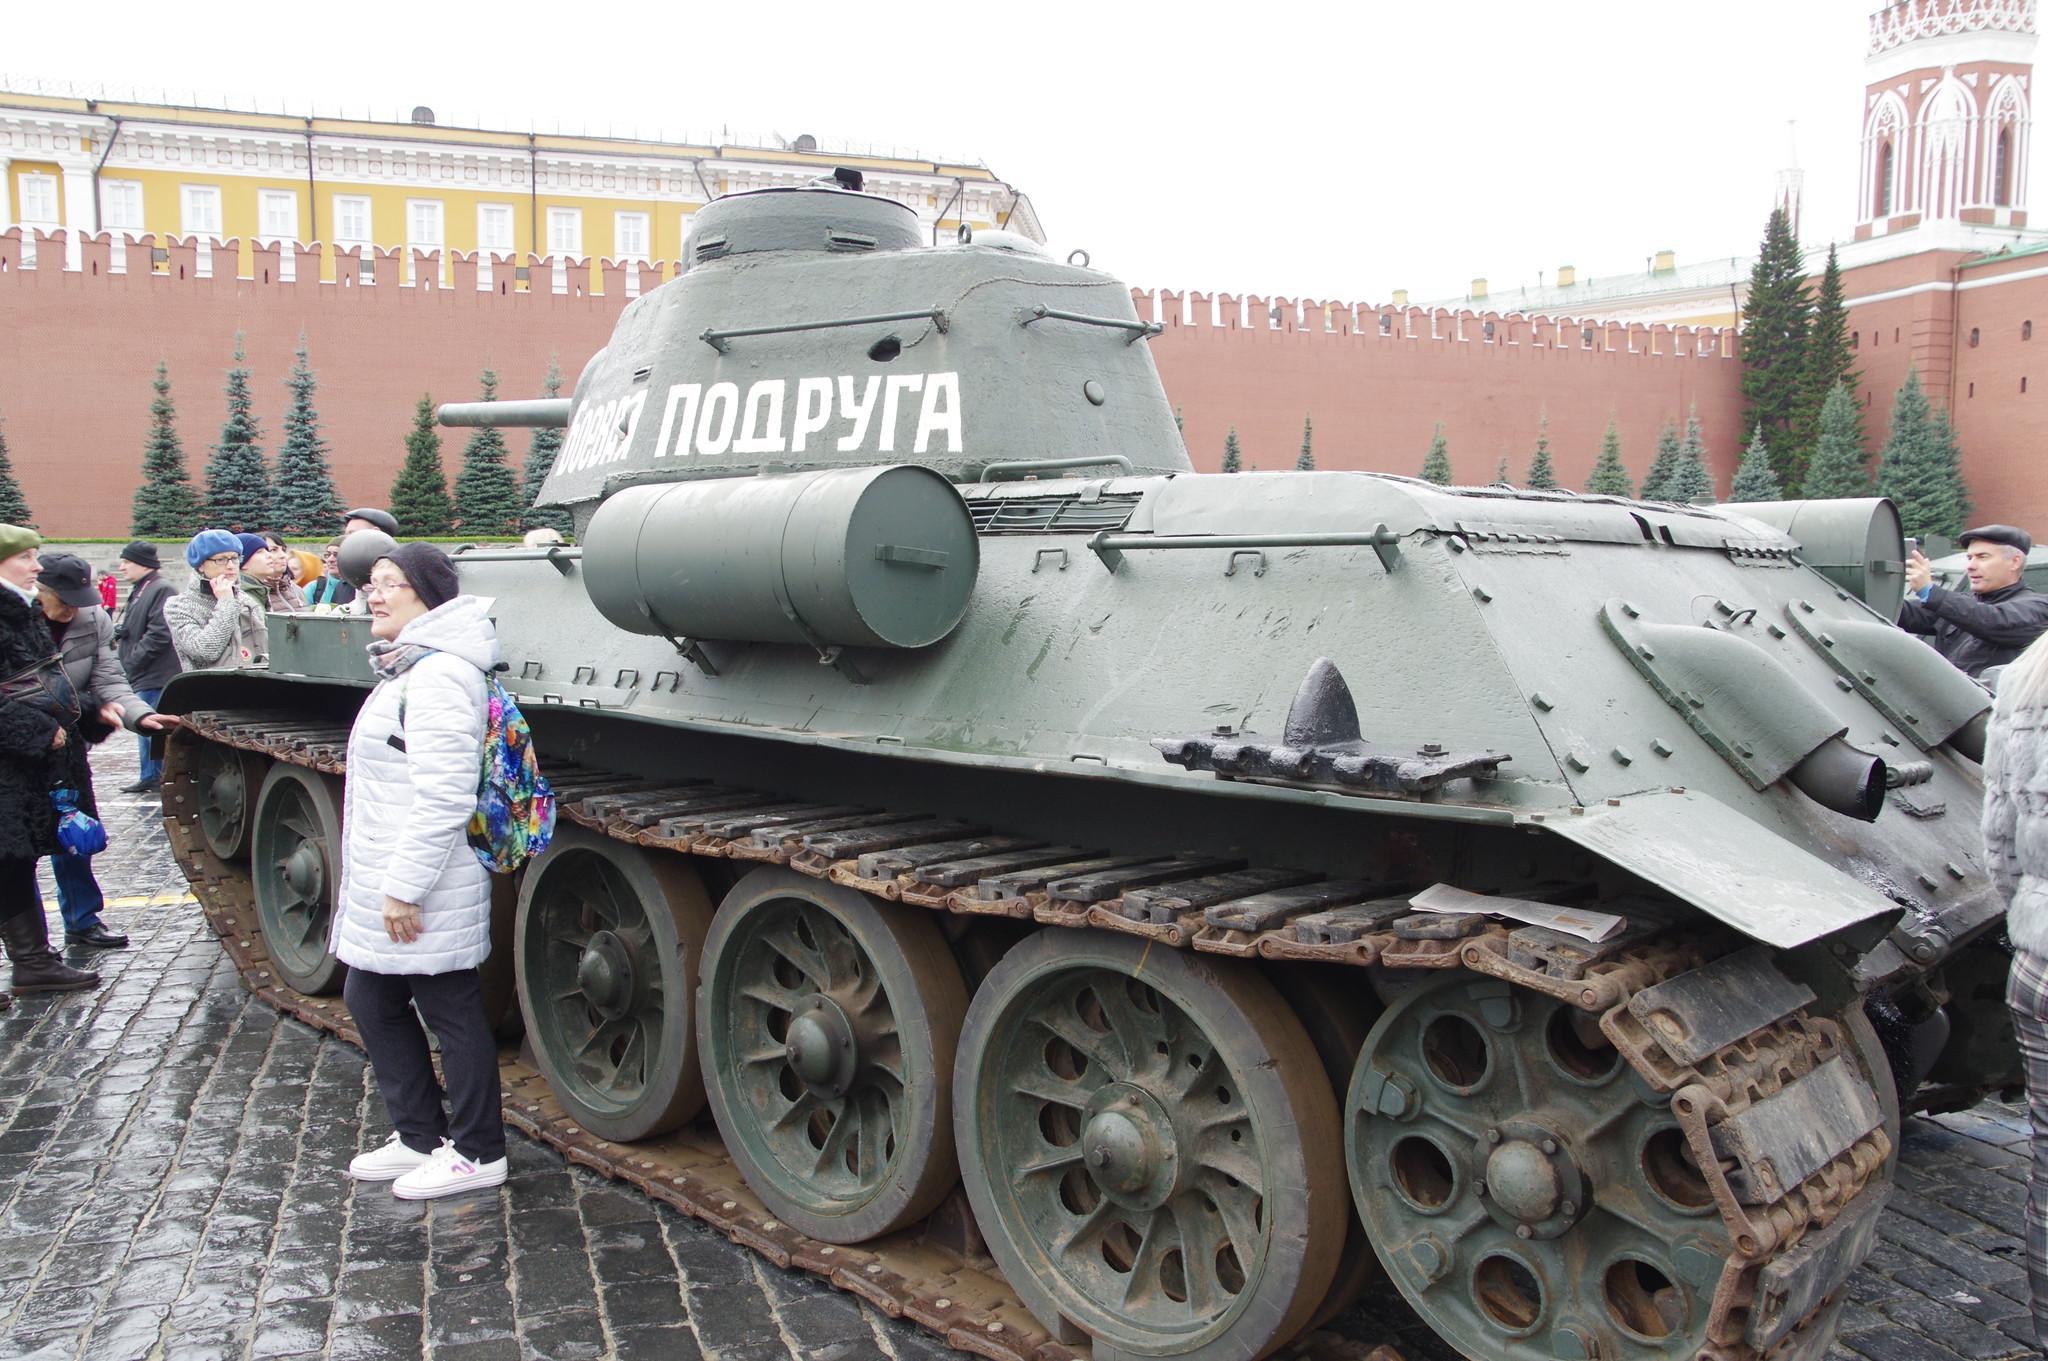 Средний танк Т-34-76 «Боевая подруга»